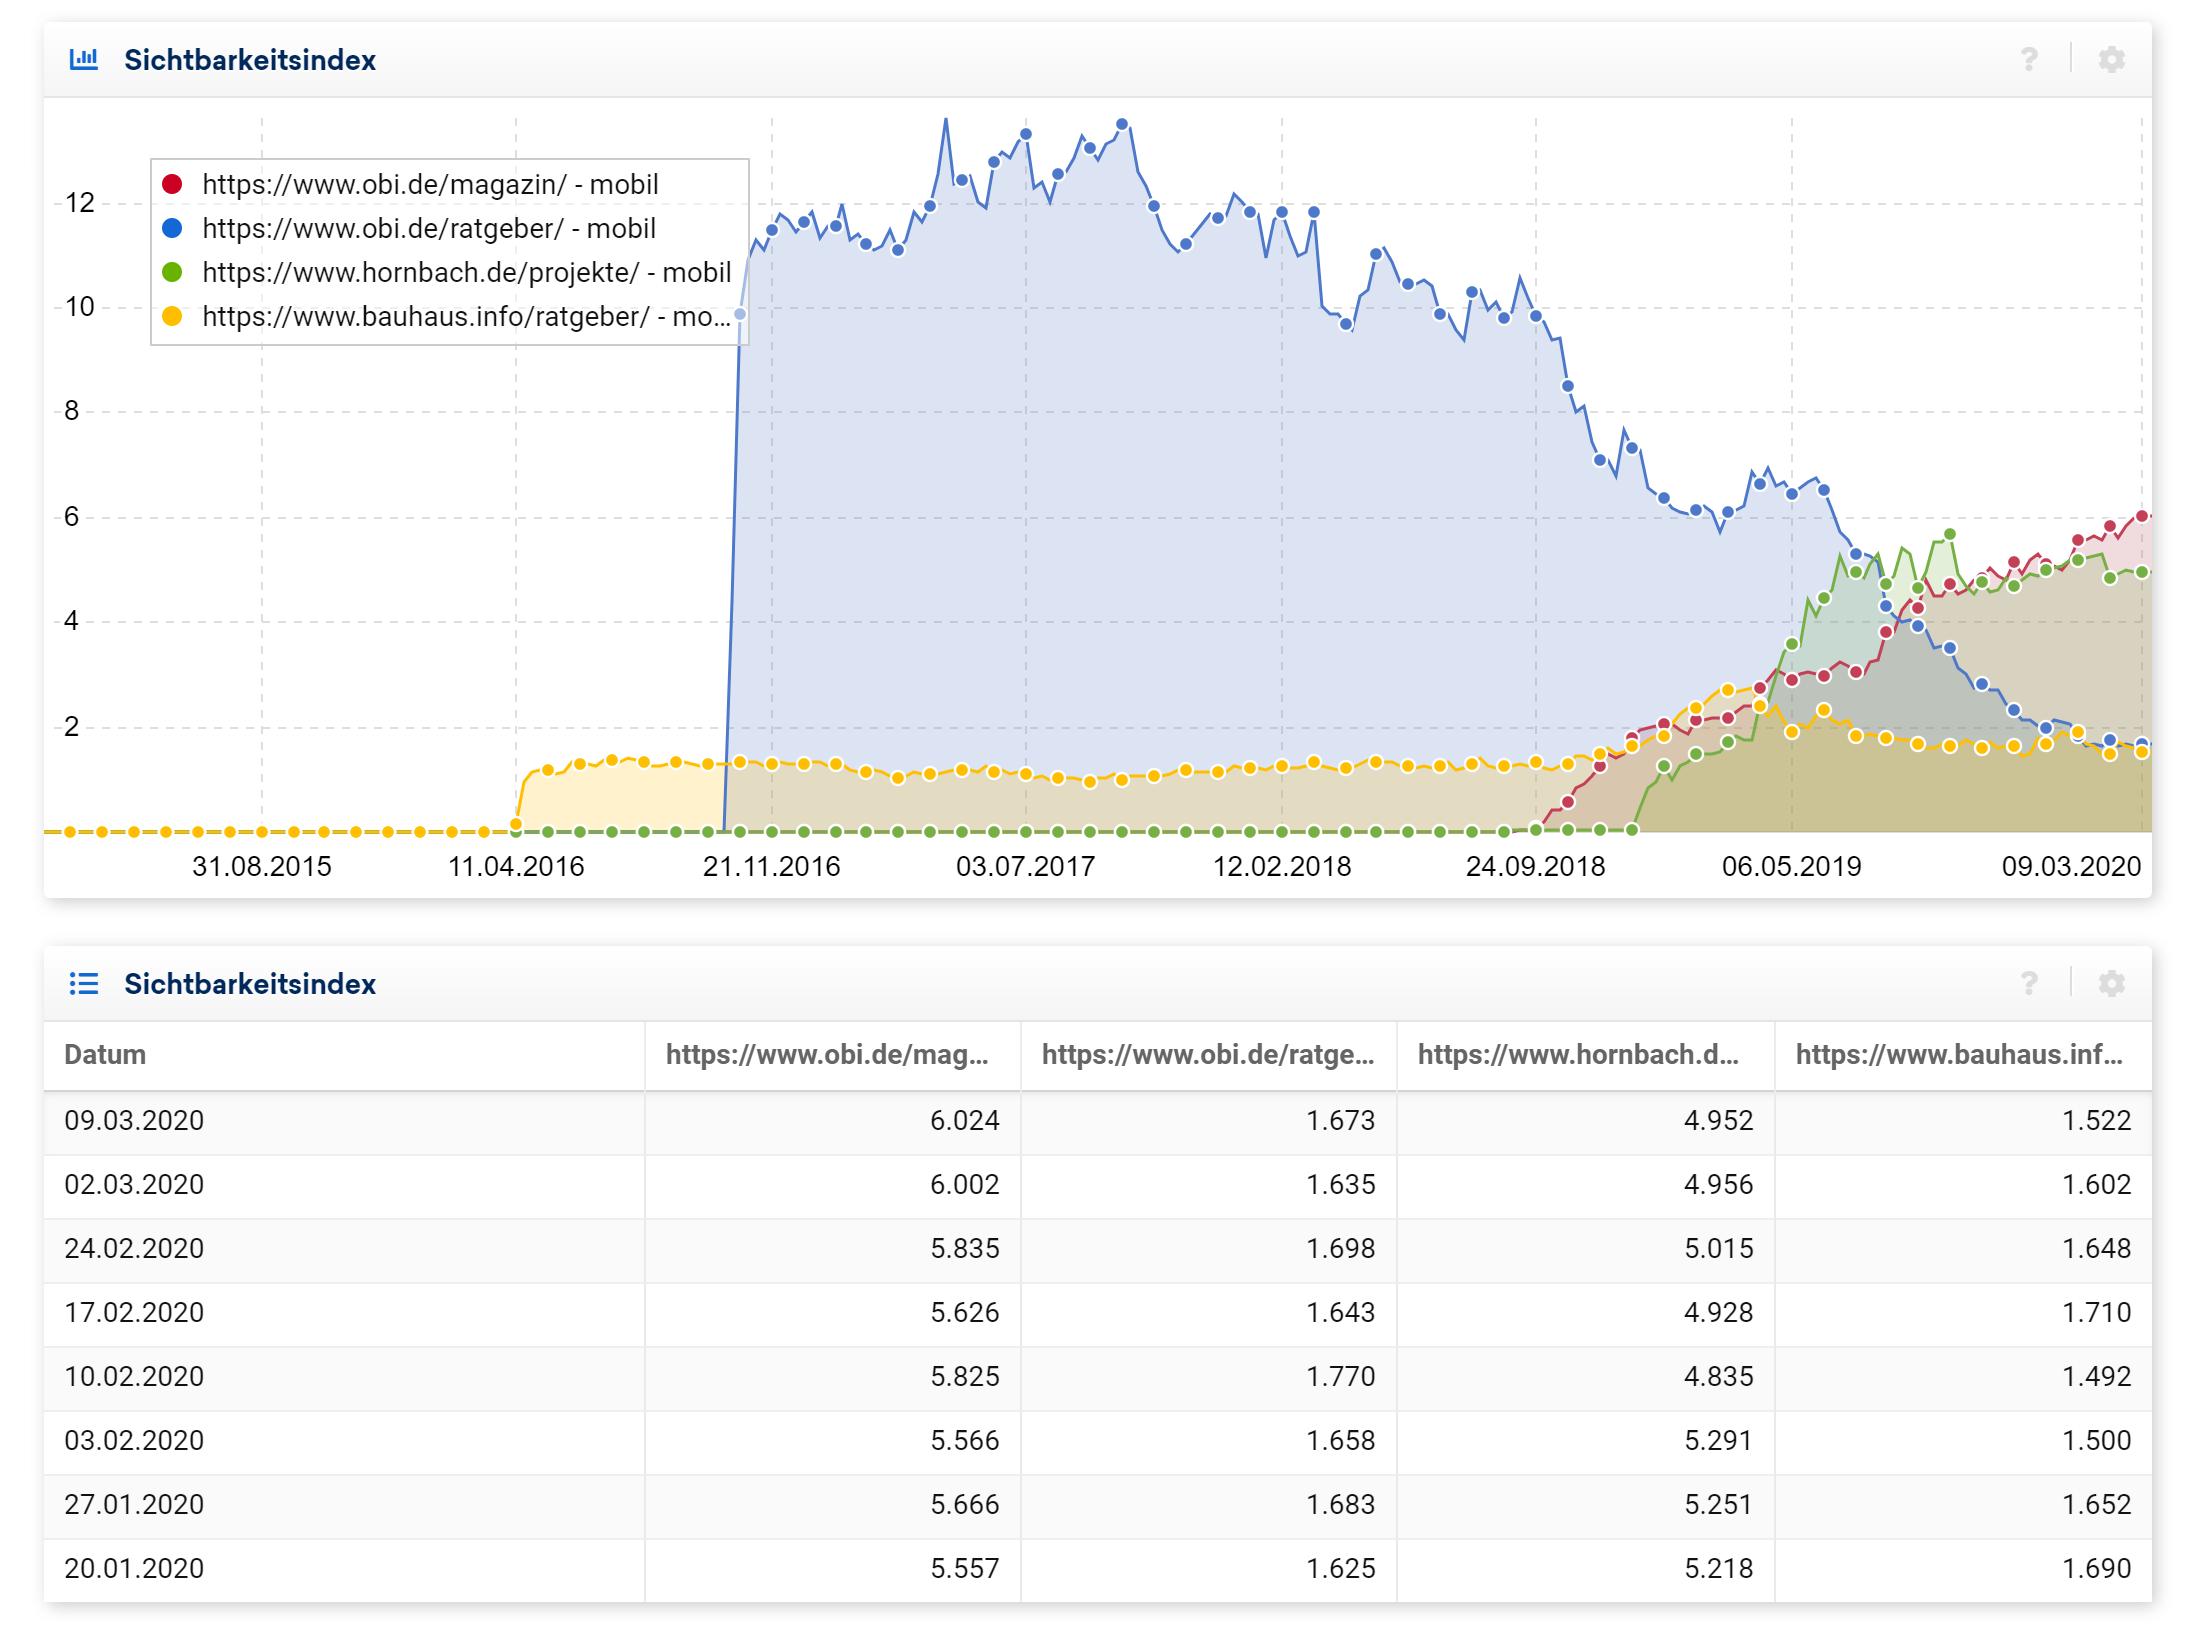 Vergleich von verschiedenen Verzeichnissen von insgesamt 3 Baumärkten.